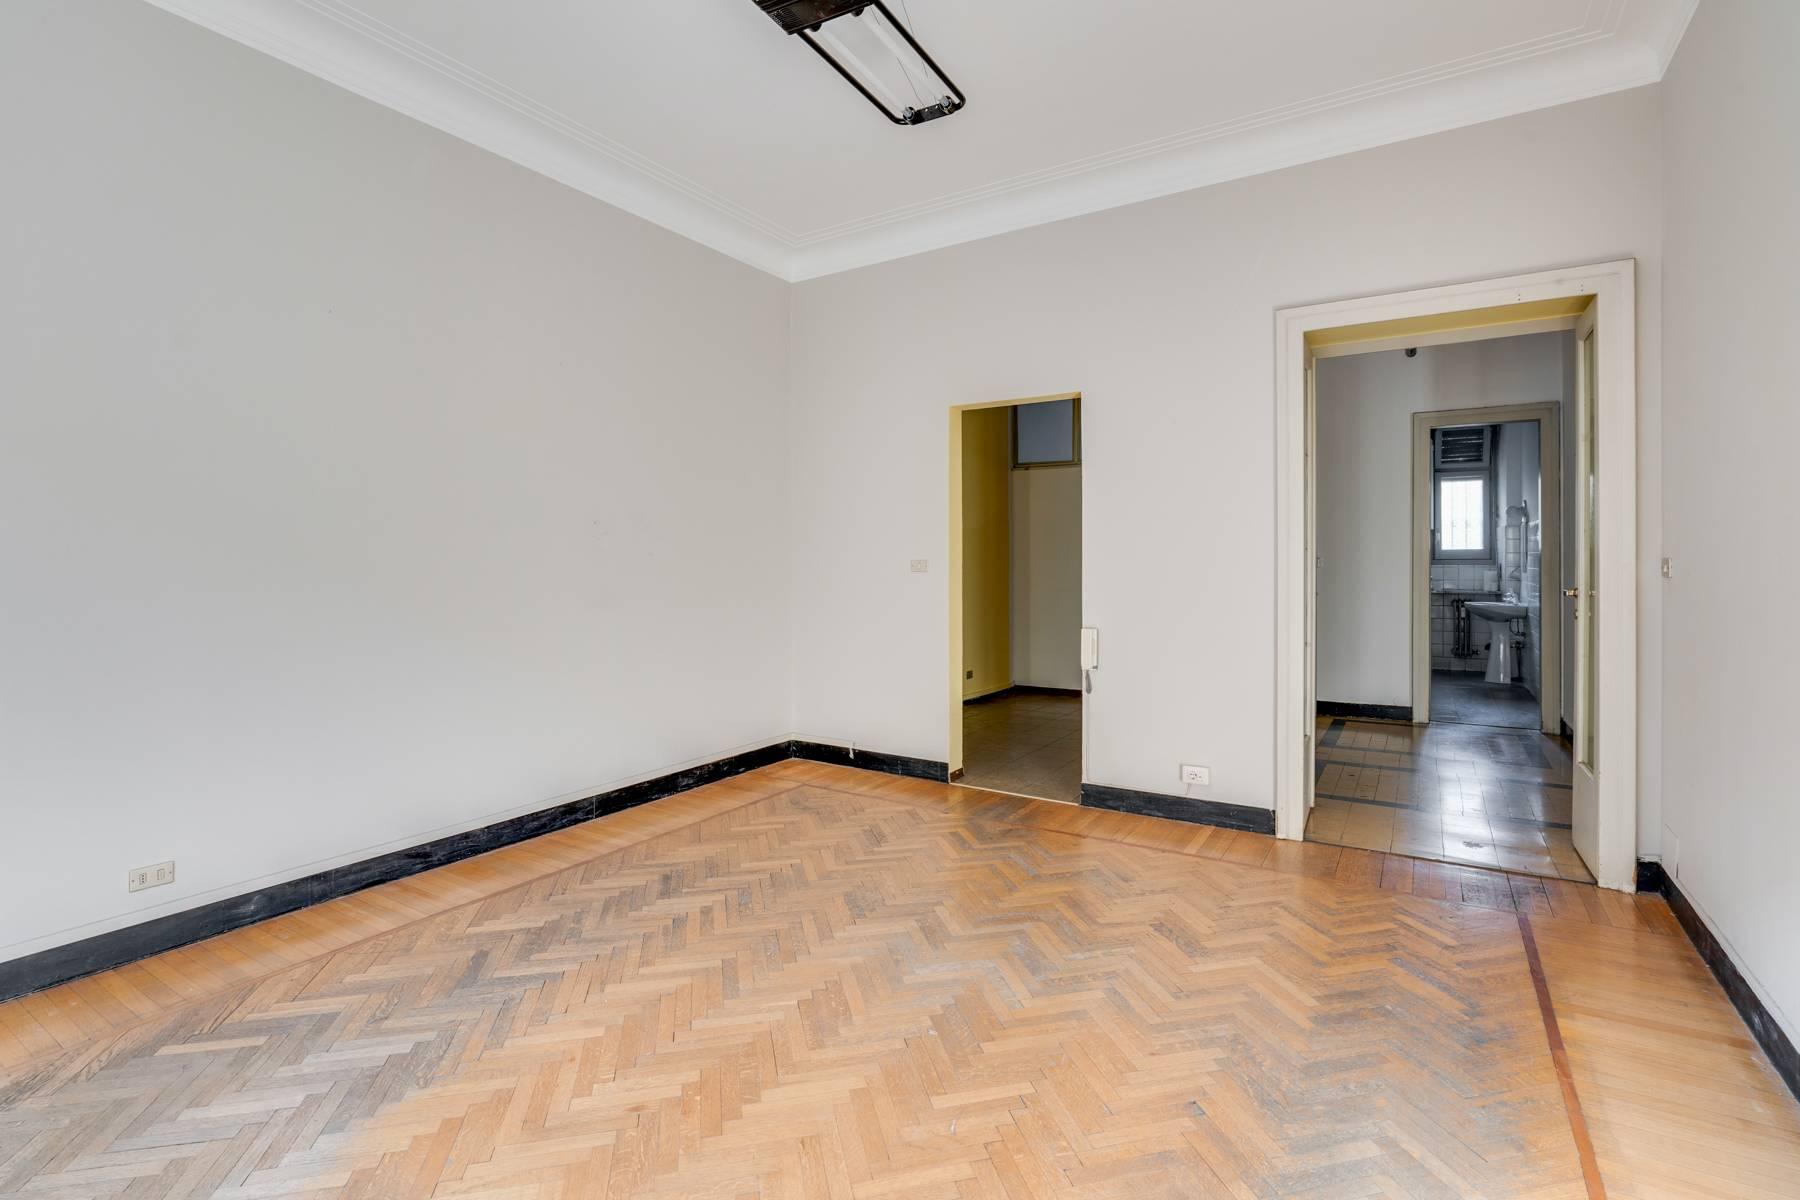 Ufficio-studio in Vendita a Torino: 3 locali, 140 mq - Foto 11